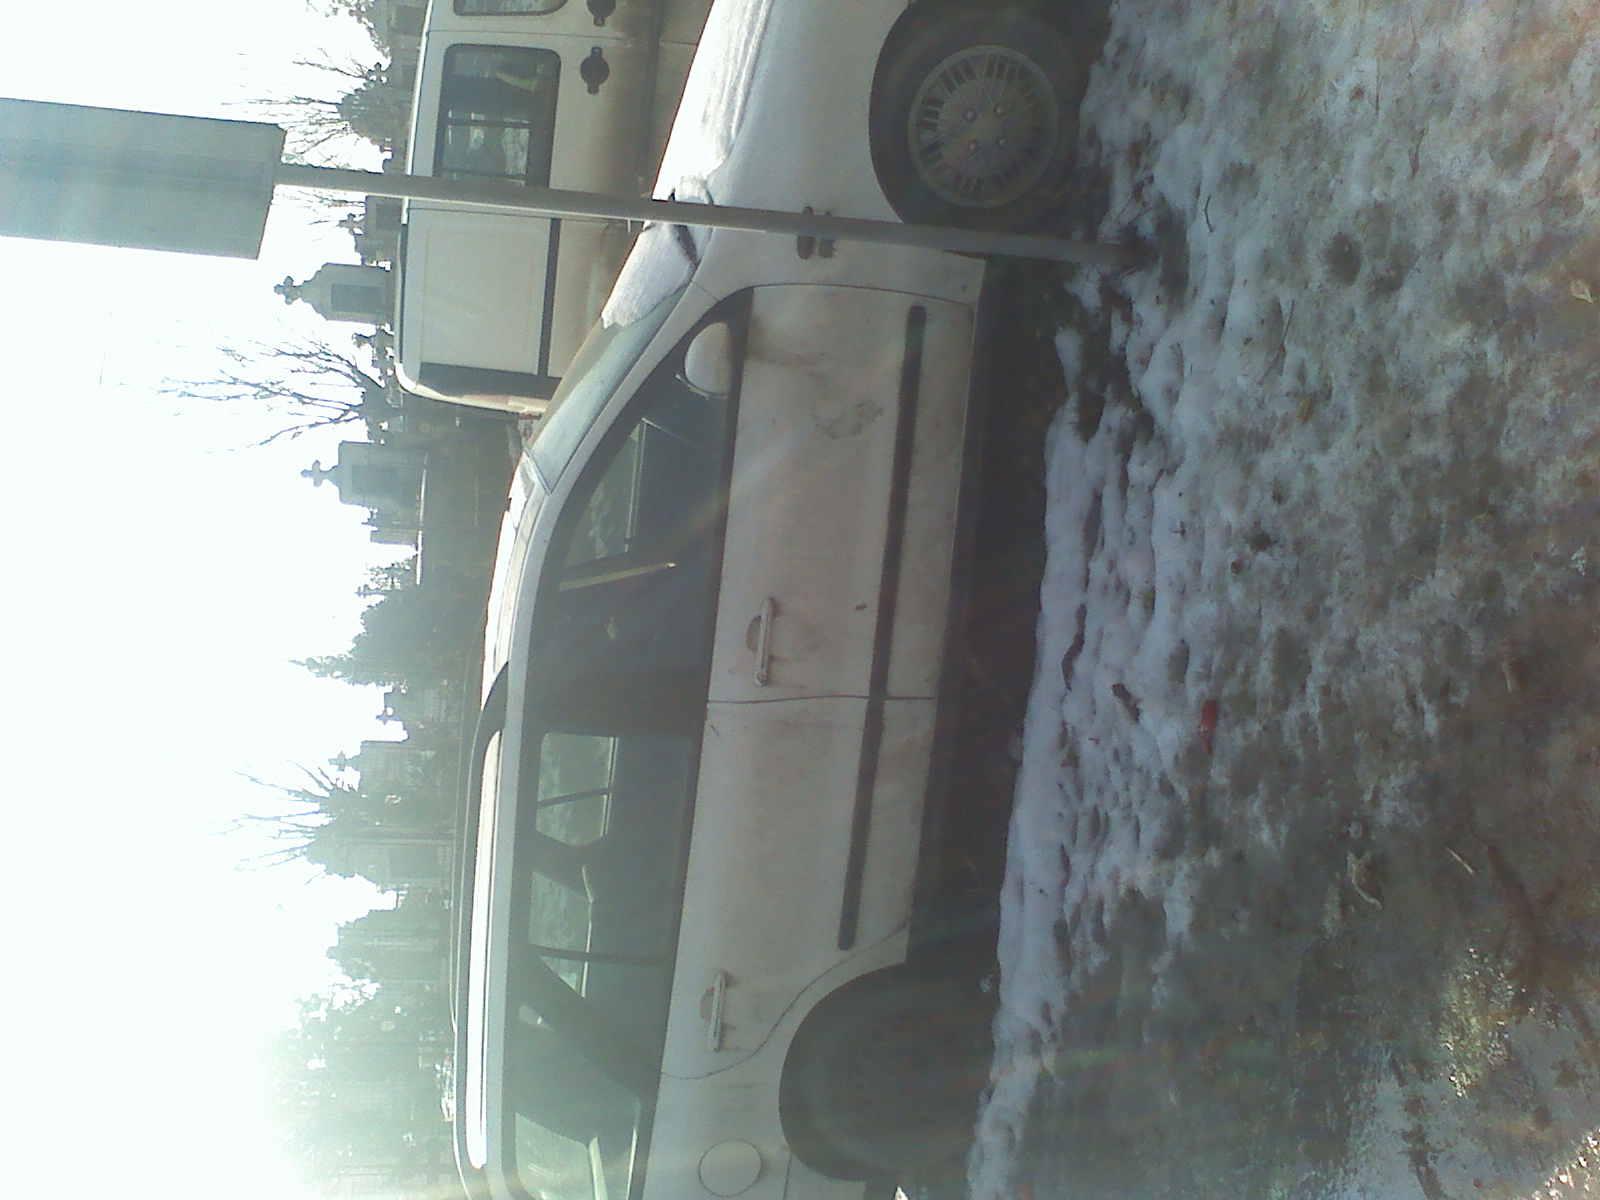 Fiat Marea avariat 2000 Benzina Combi - 09 Ianuarie 2011 - Poza 1